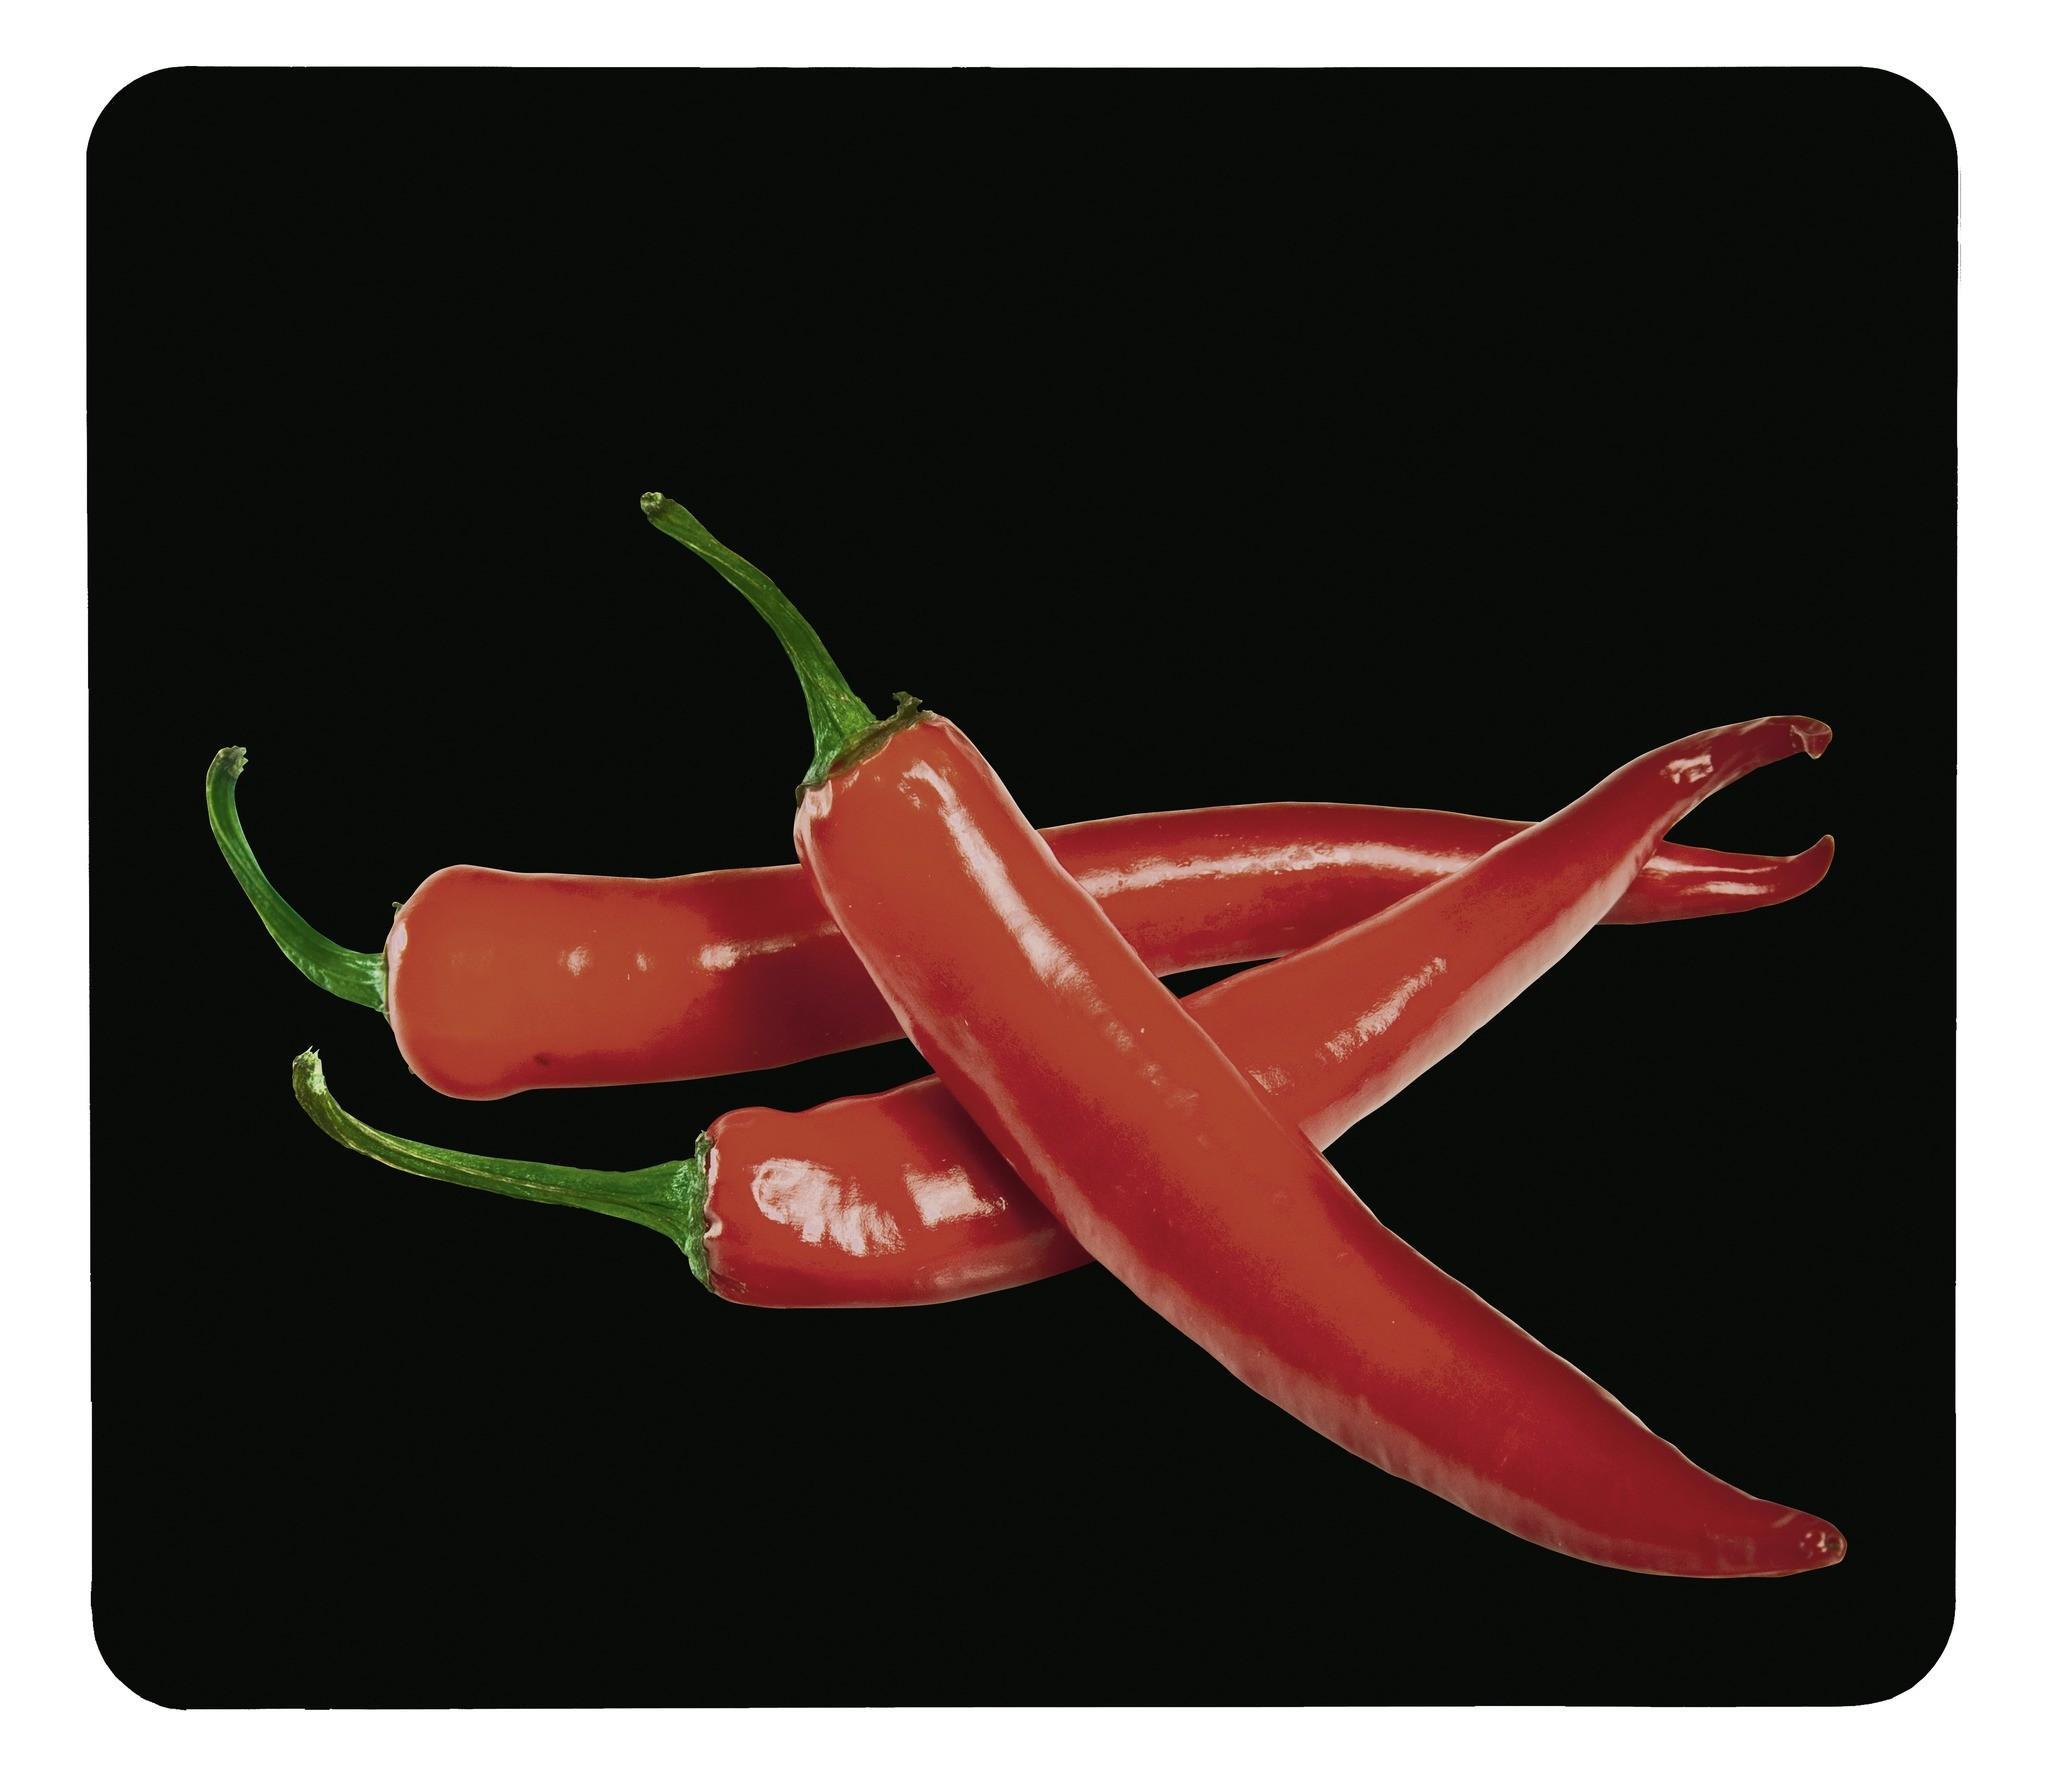 Motivplatte Hot Peperoni, für Glaskeramik Kochfelder, Schneidbrett